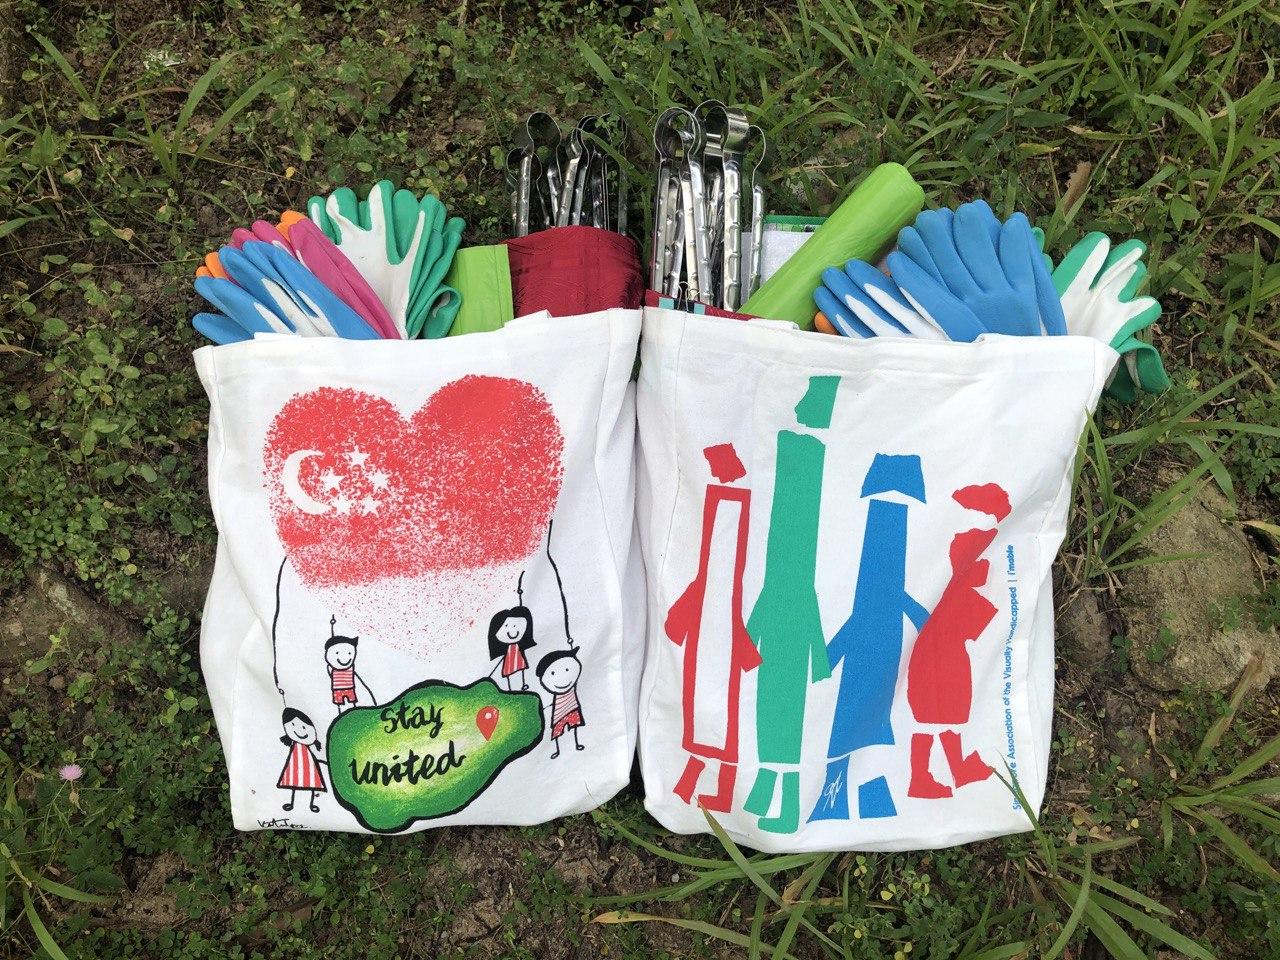 Cleanup rental toolkit.